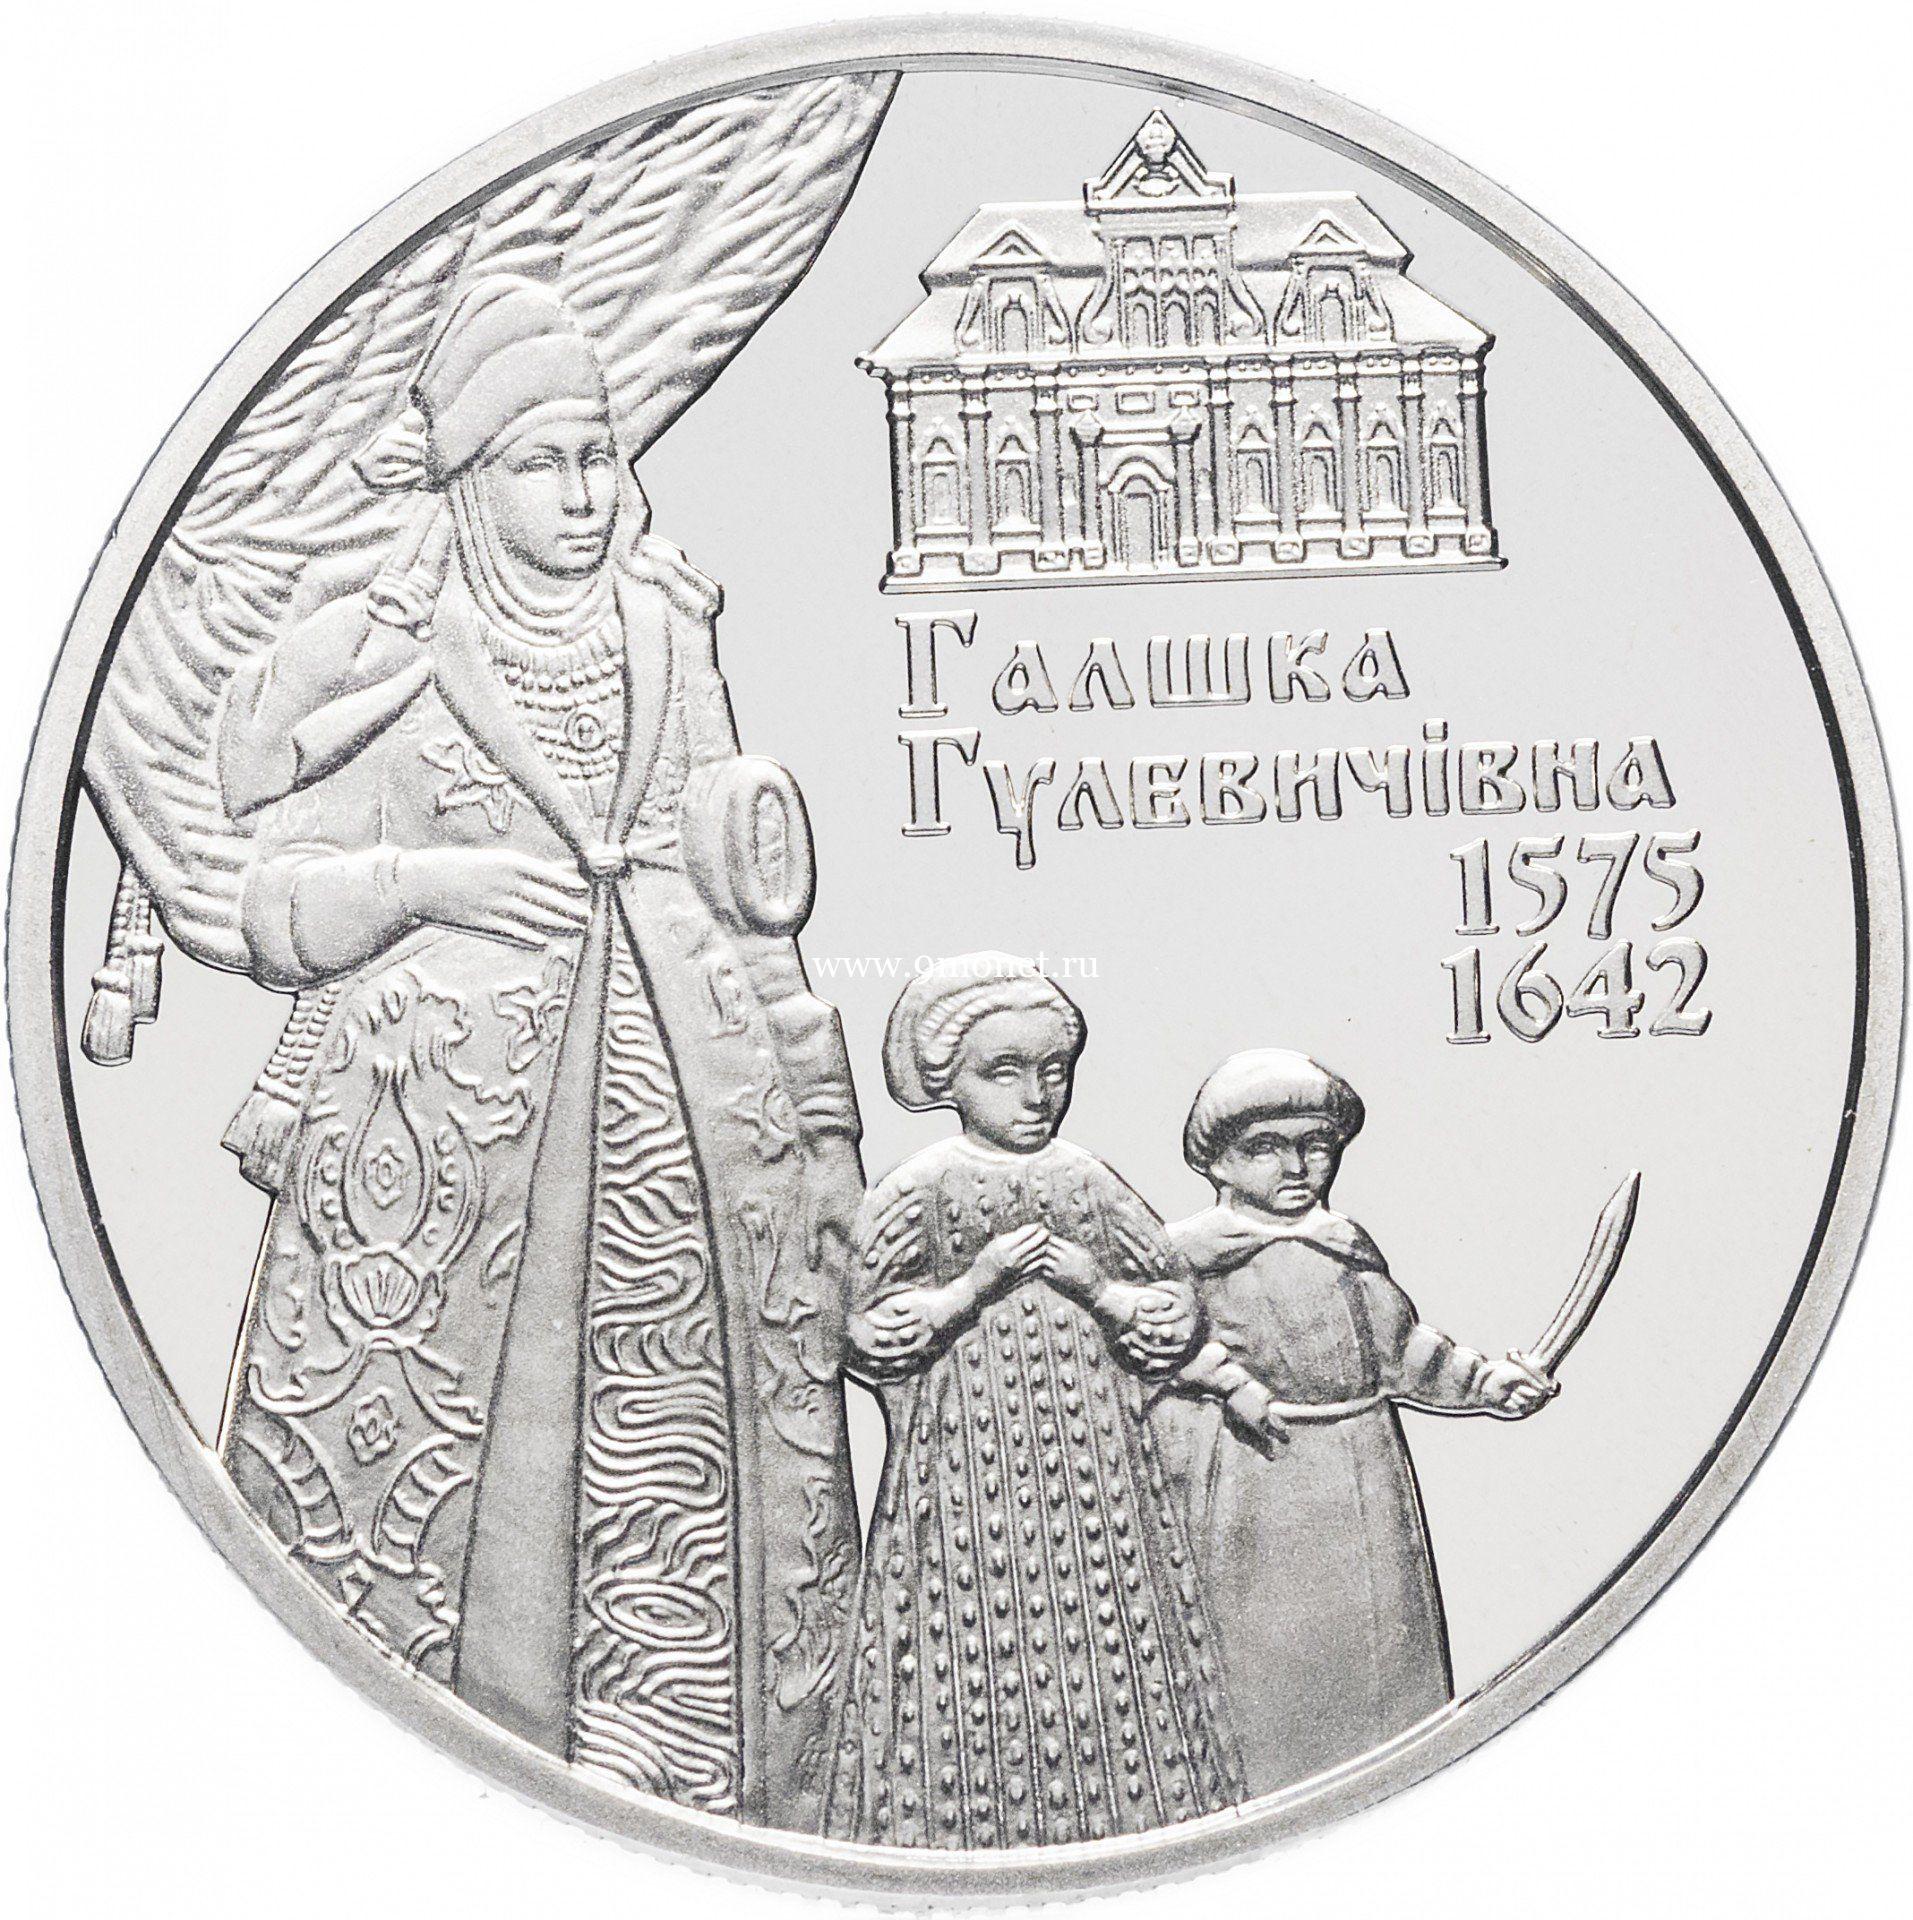 Украина монета 2 гривны 2015 года Гальшка Гулевичивна.